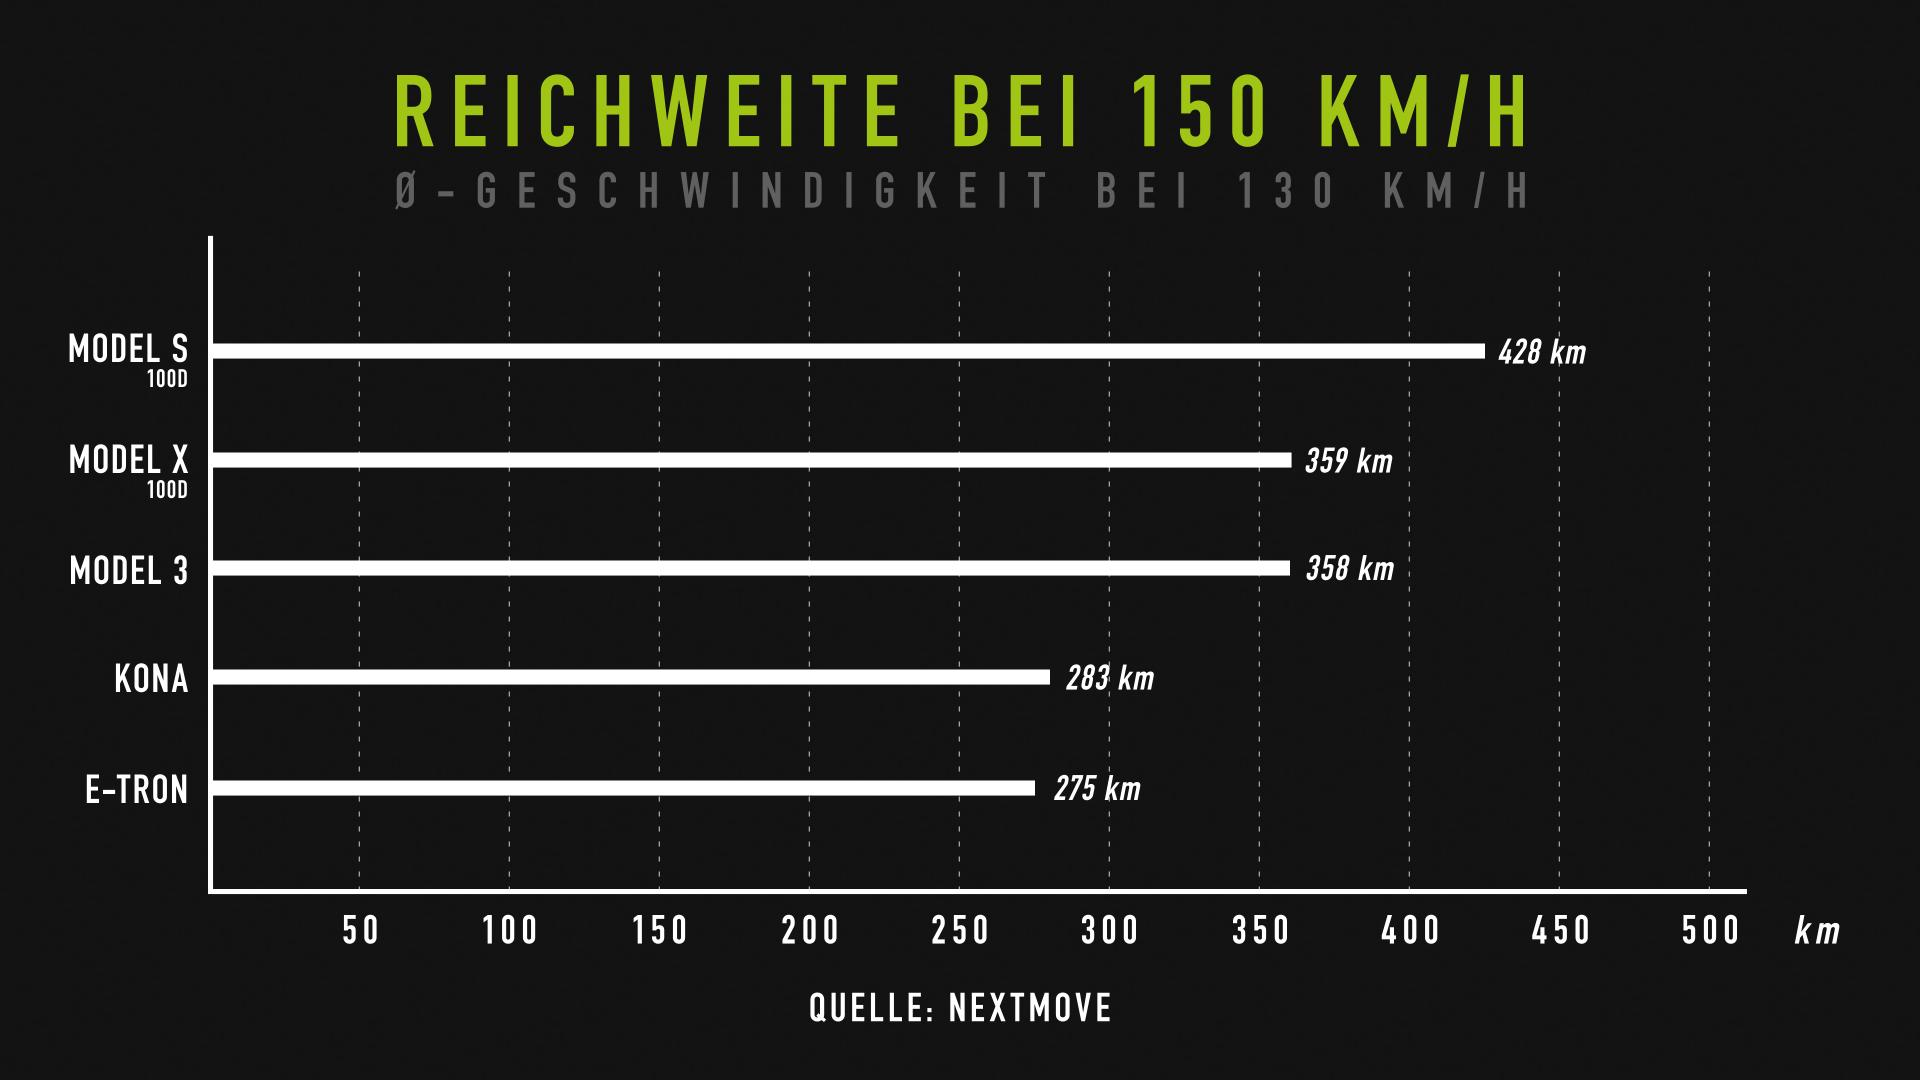 nextmove Verbrauchstest - Reichweite bei 150 kmh